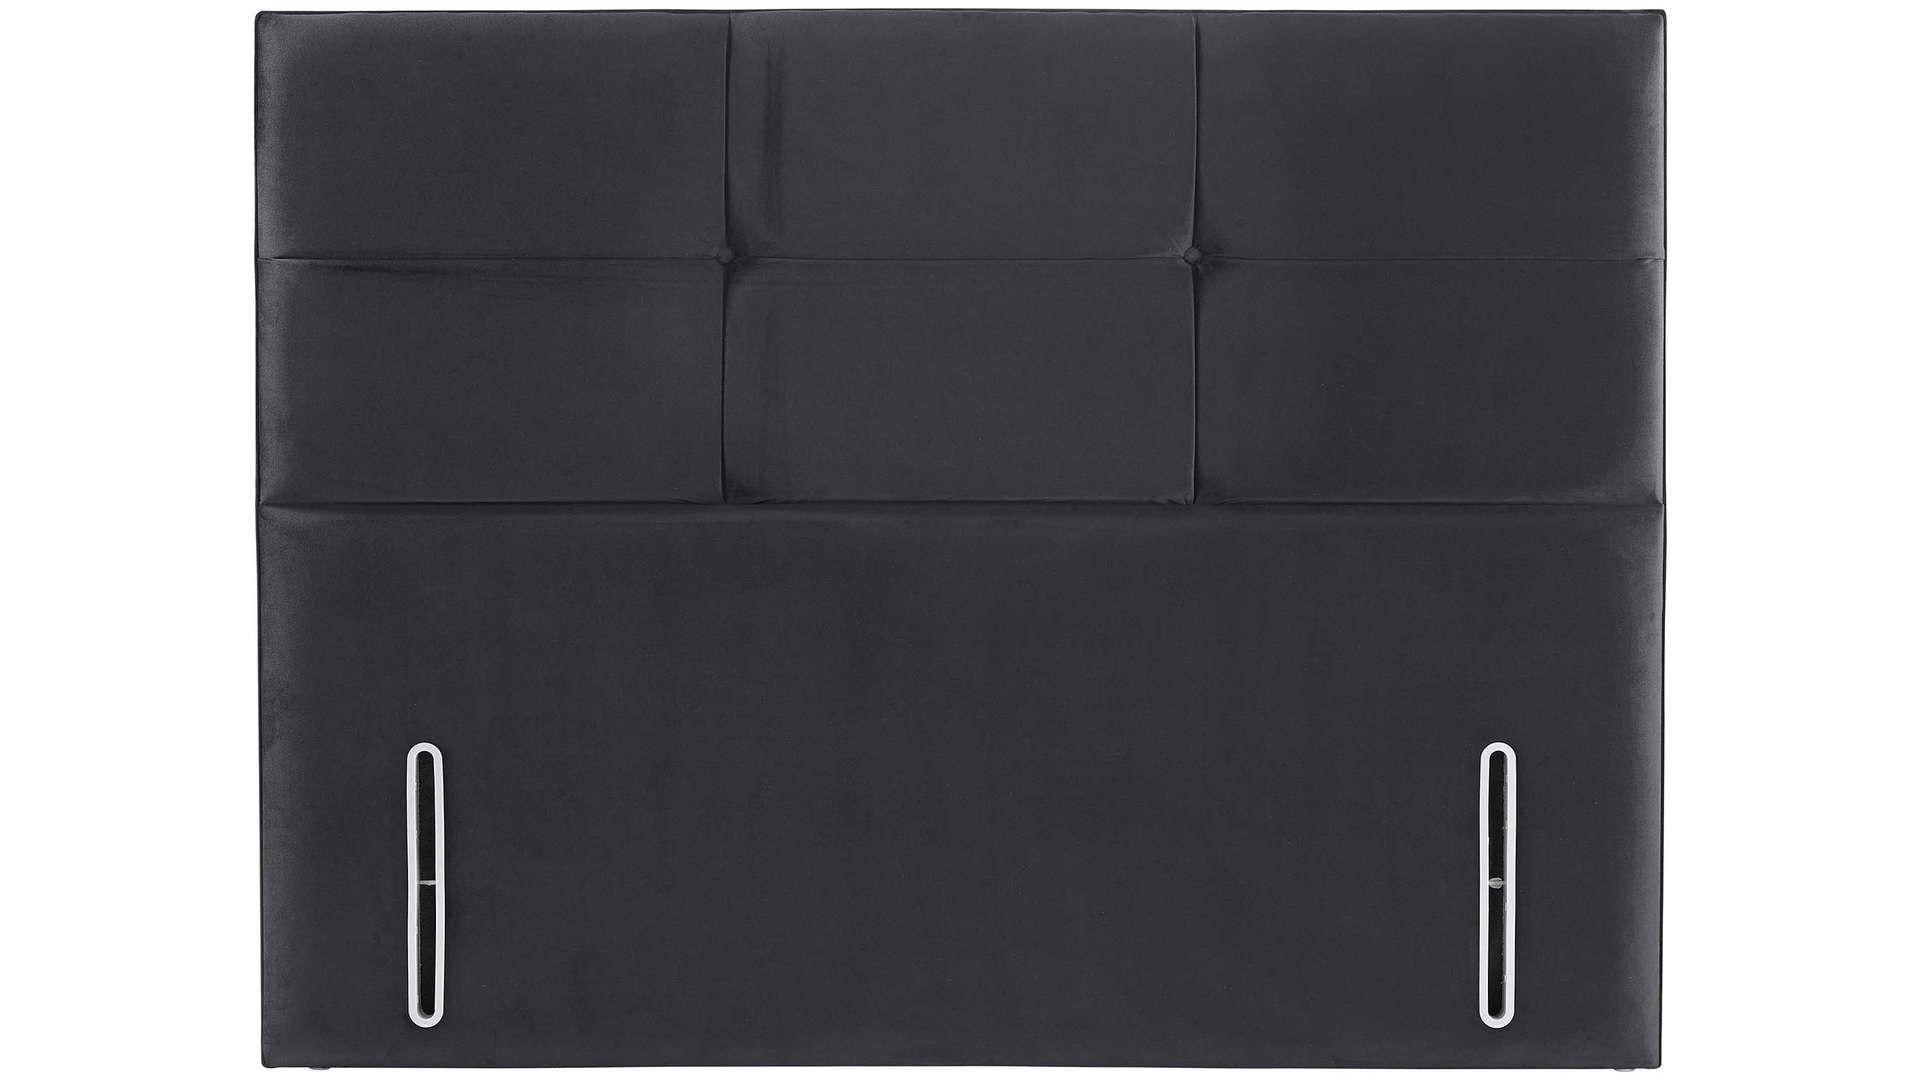 Tete De Lit 160 Cm Aurore Coloris Noir En 2020 Tete De Lit Lit 140 Lit 160